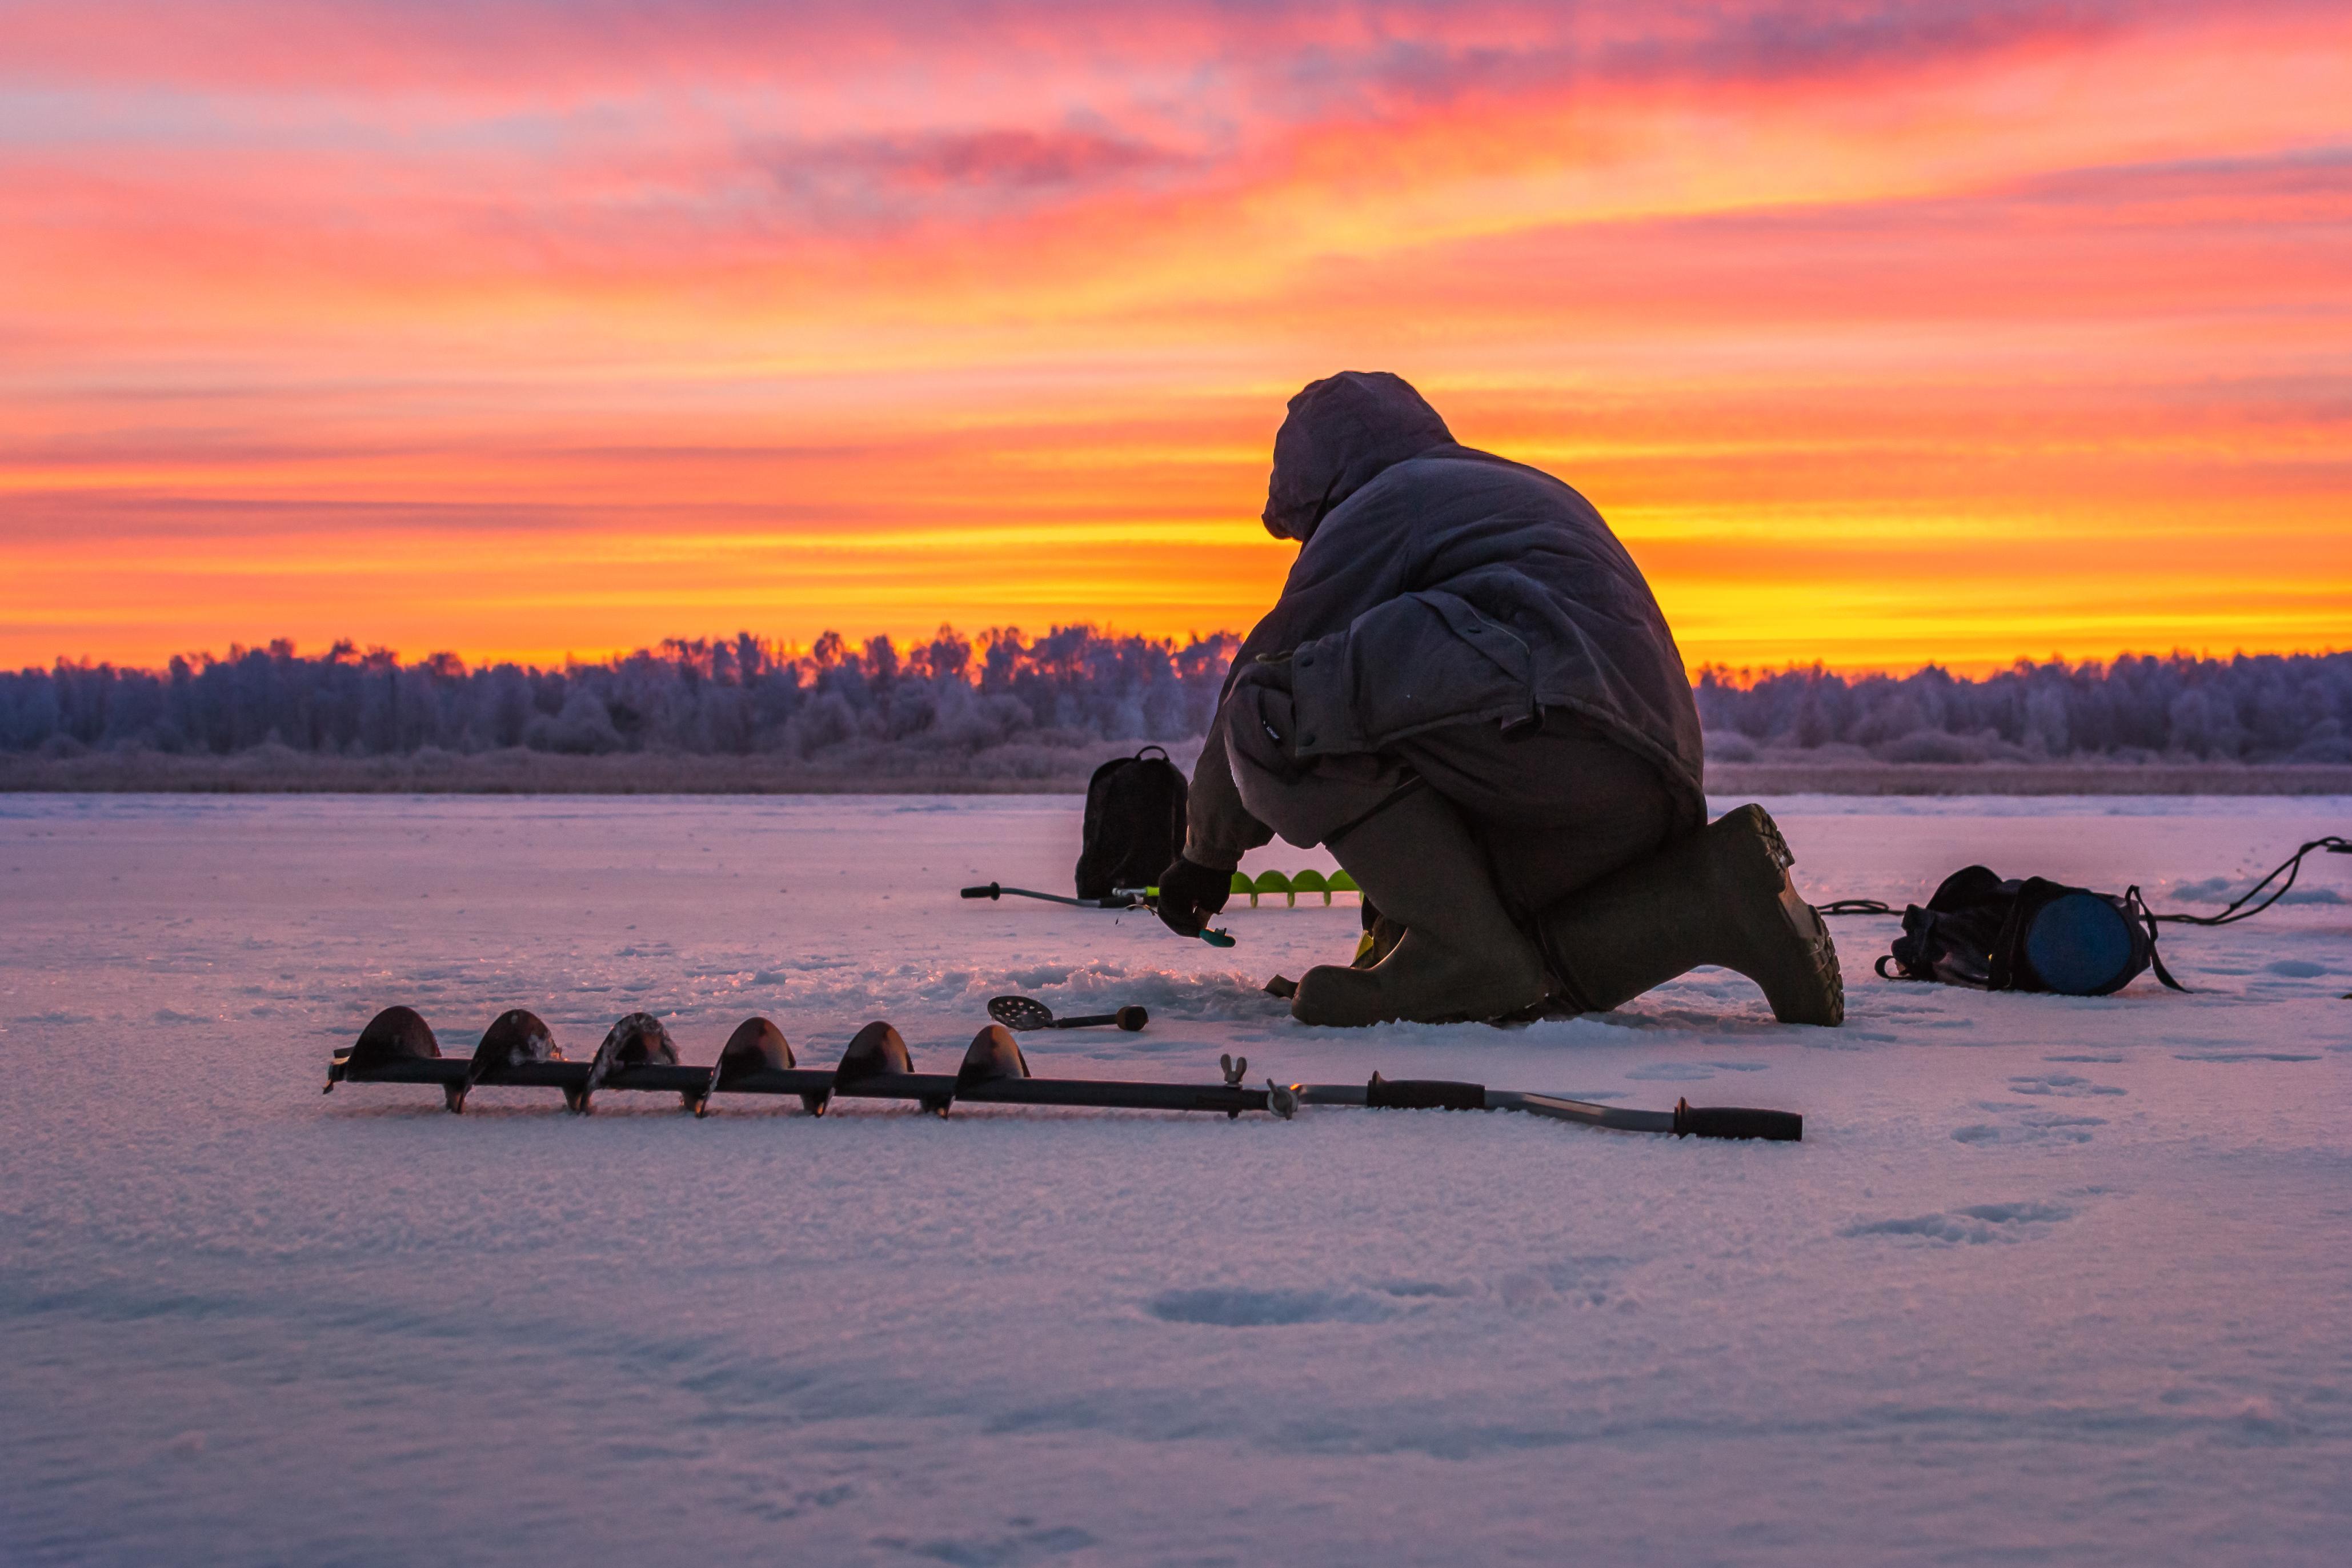 Cambiemos la rutina, probemos la pesca en el hielo - Finlandia Circuito Laponia y Ruka